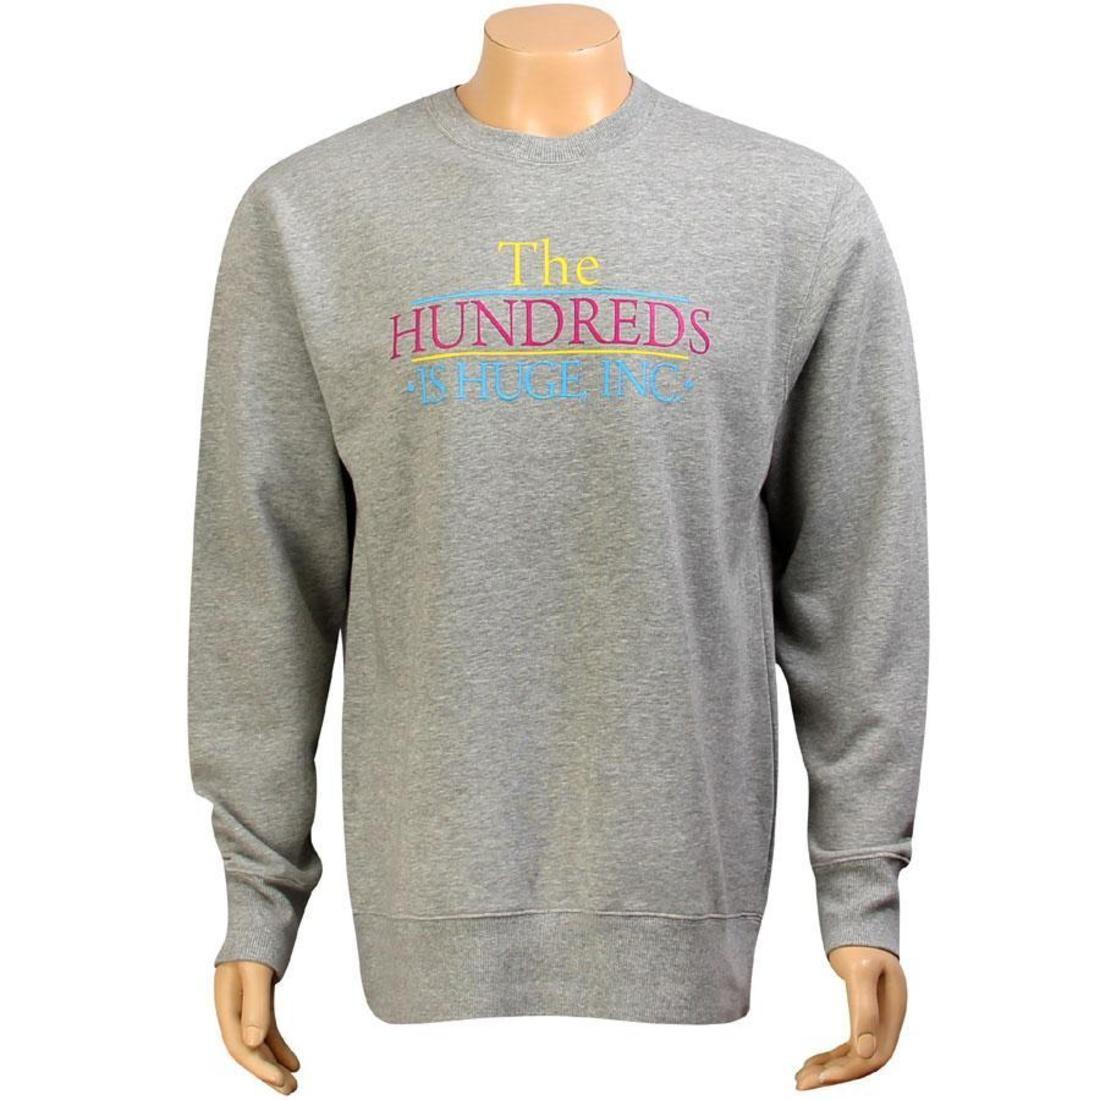 【海外限定】トップス メンズファッション【 THE HUNDREDS WONDERS WONDERS CREWNECK ATHLETIC【 HUNDREDS HEATHER】, VIVACIA:fd08d801 --- officewill.xsrv.jp